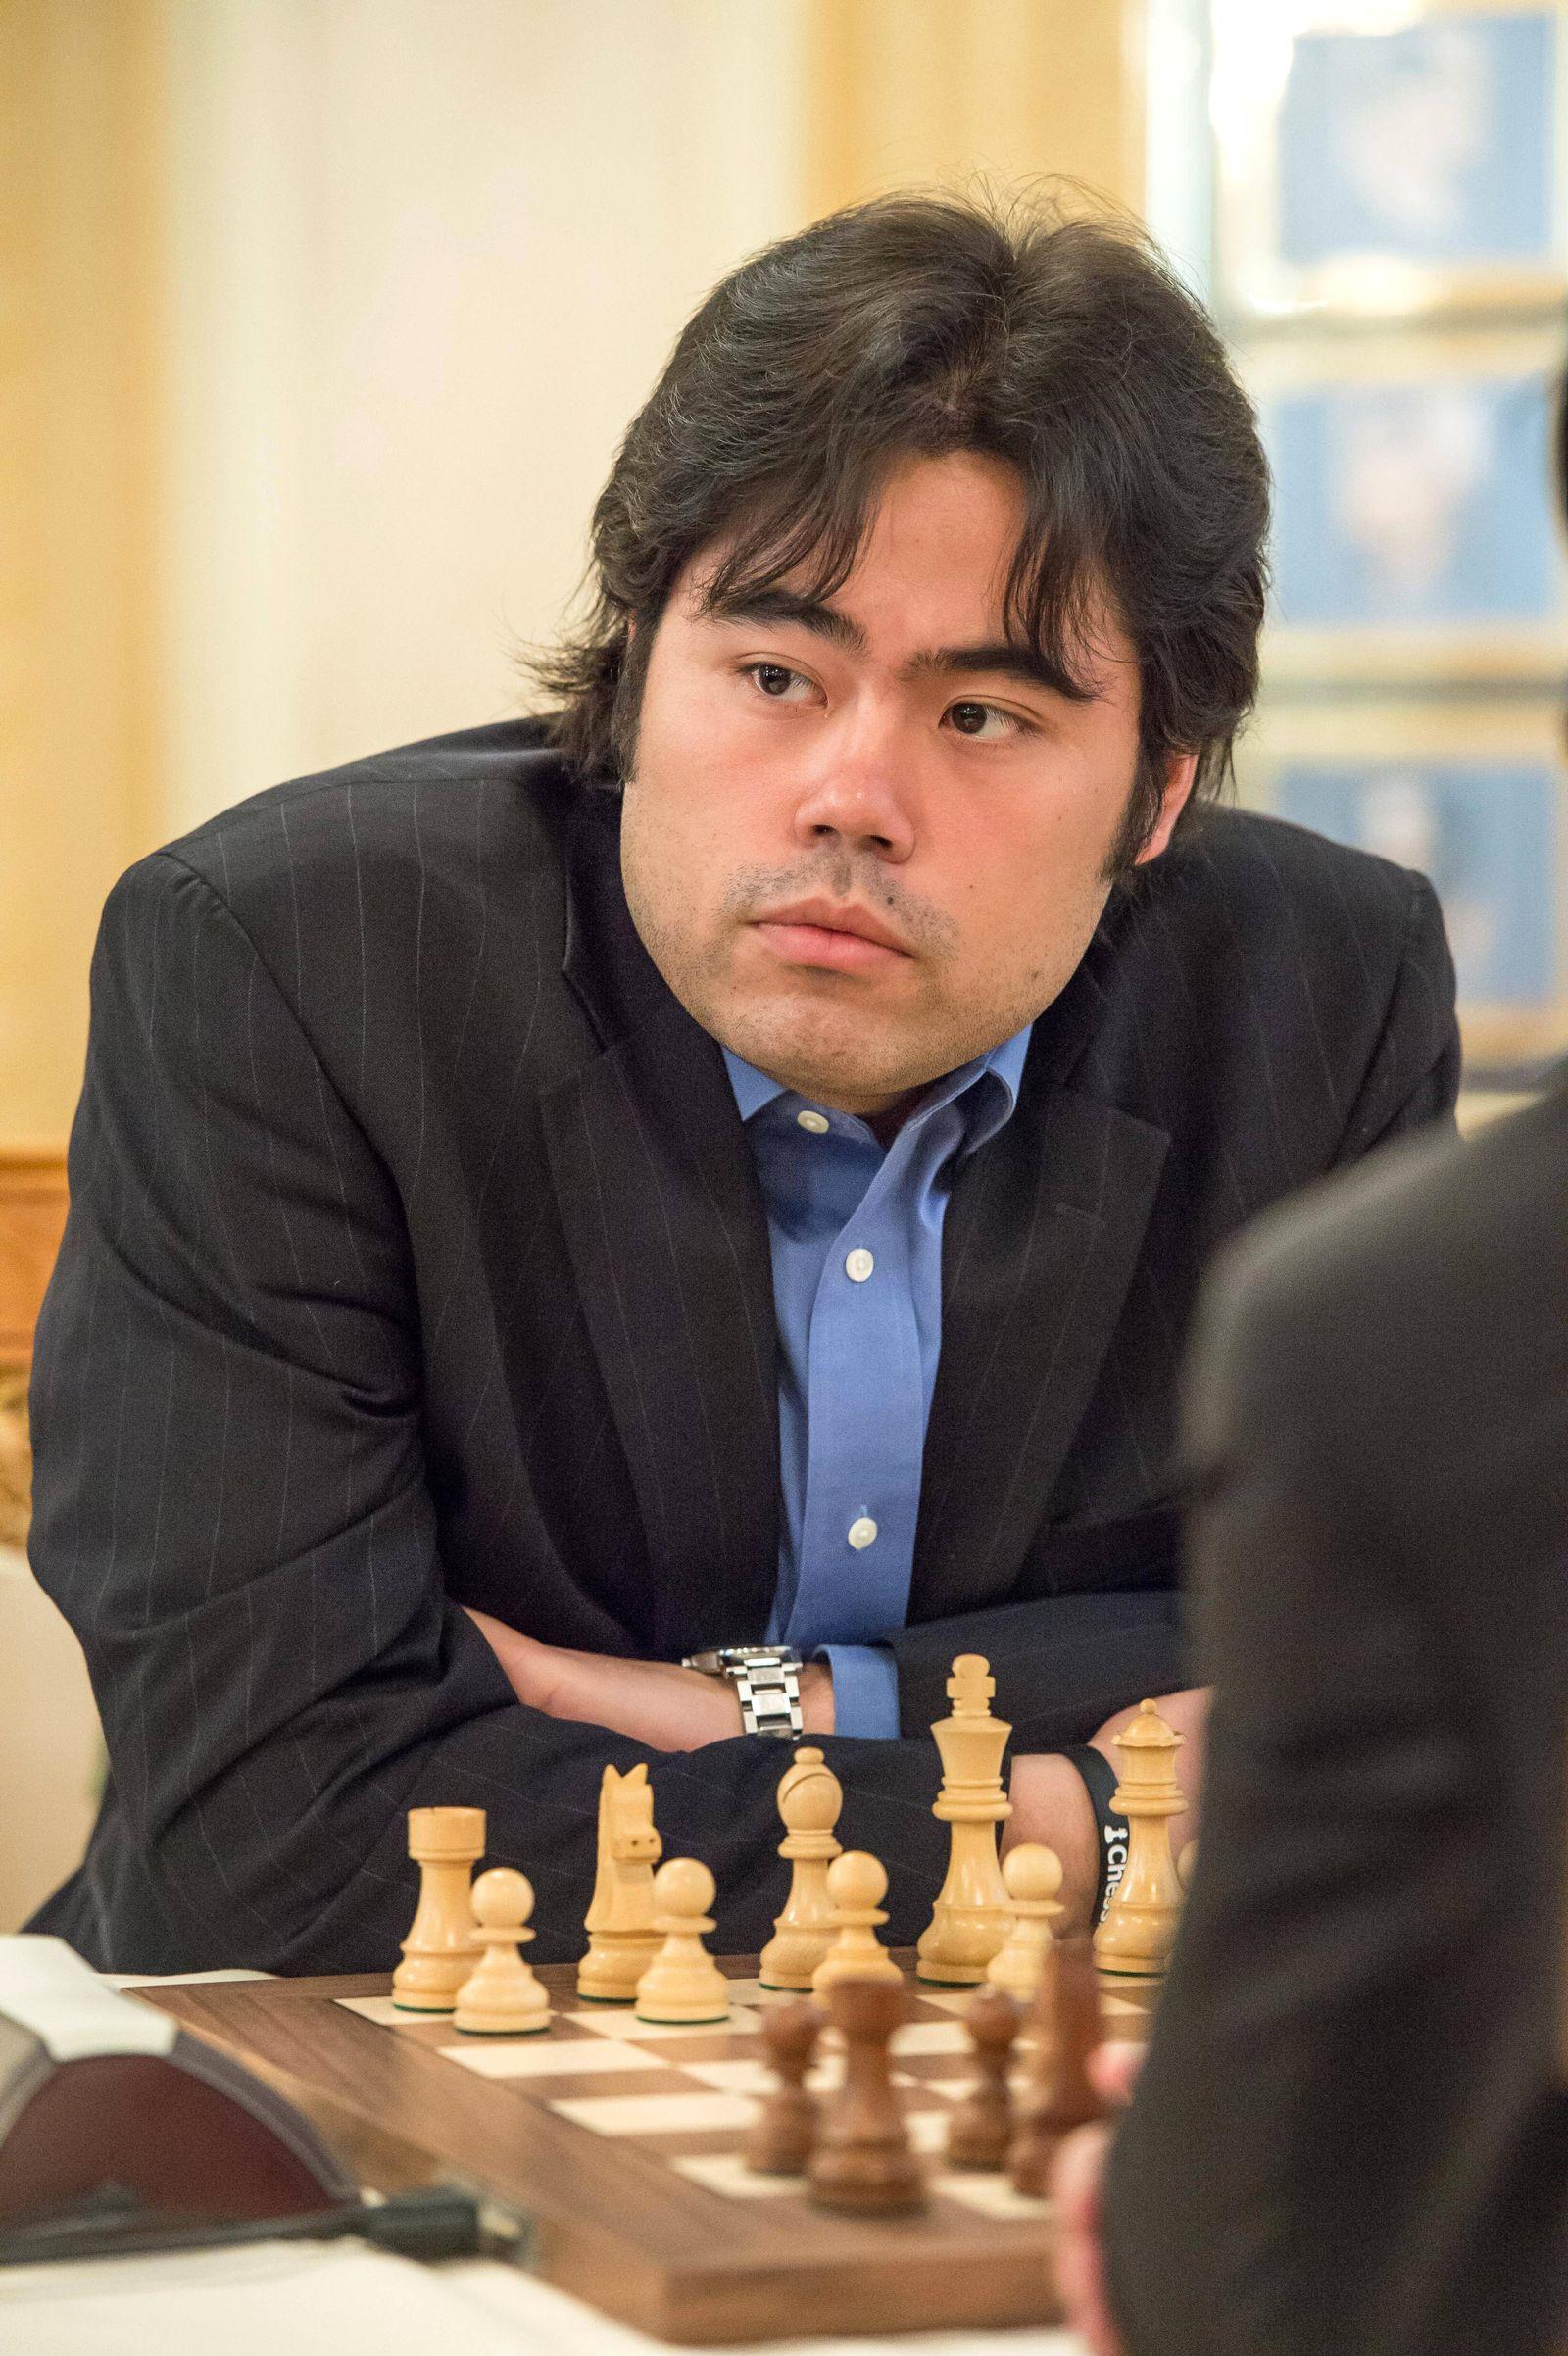 EINMALIGE VERWENDUNG Schachspieler/ Schach/ Hikaru Nakamura